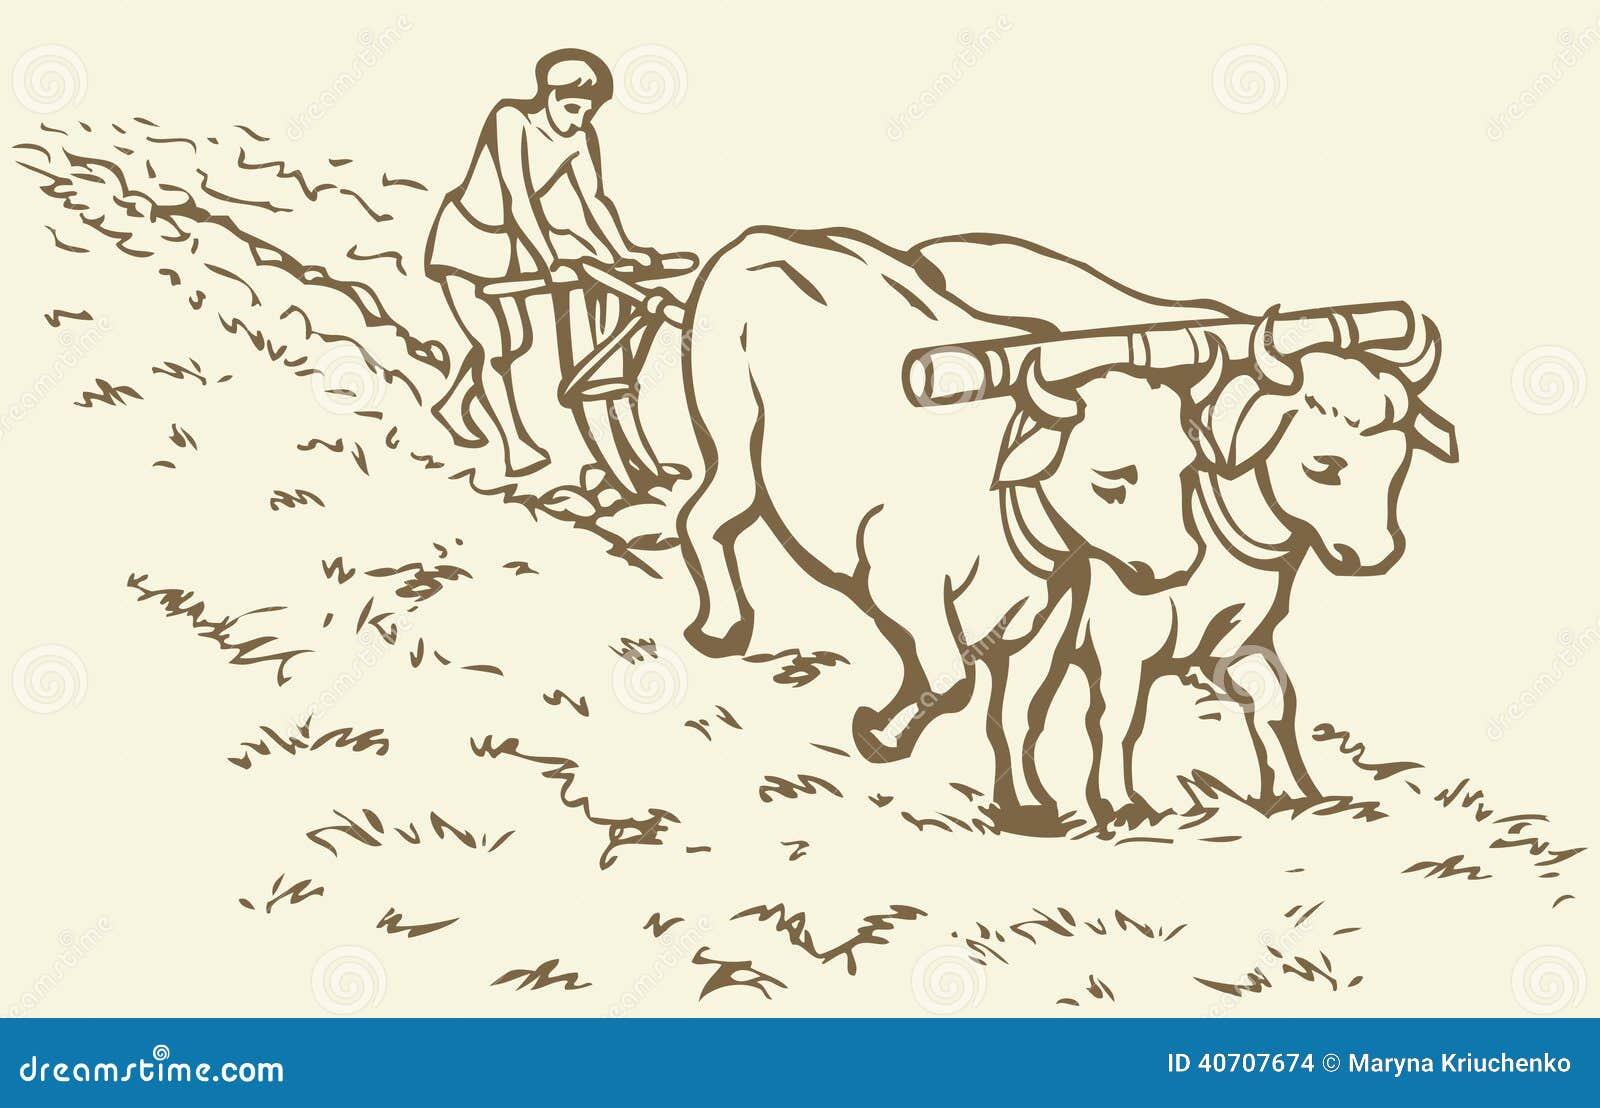 Illustrazione di vettore Agricoltura primitiva Campo trattato contadino